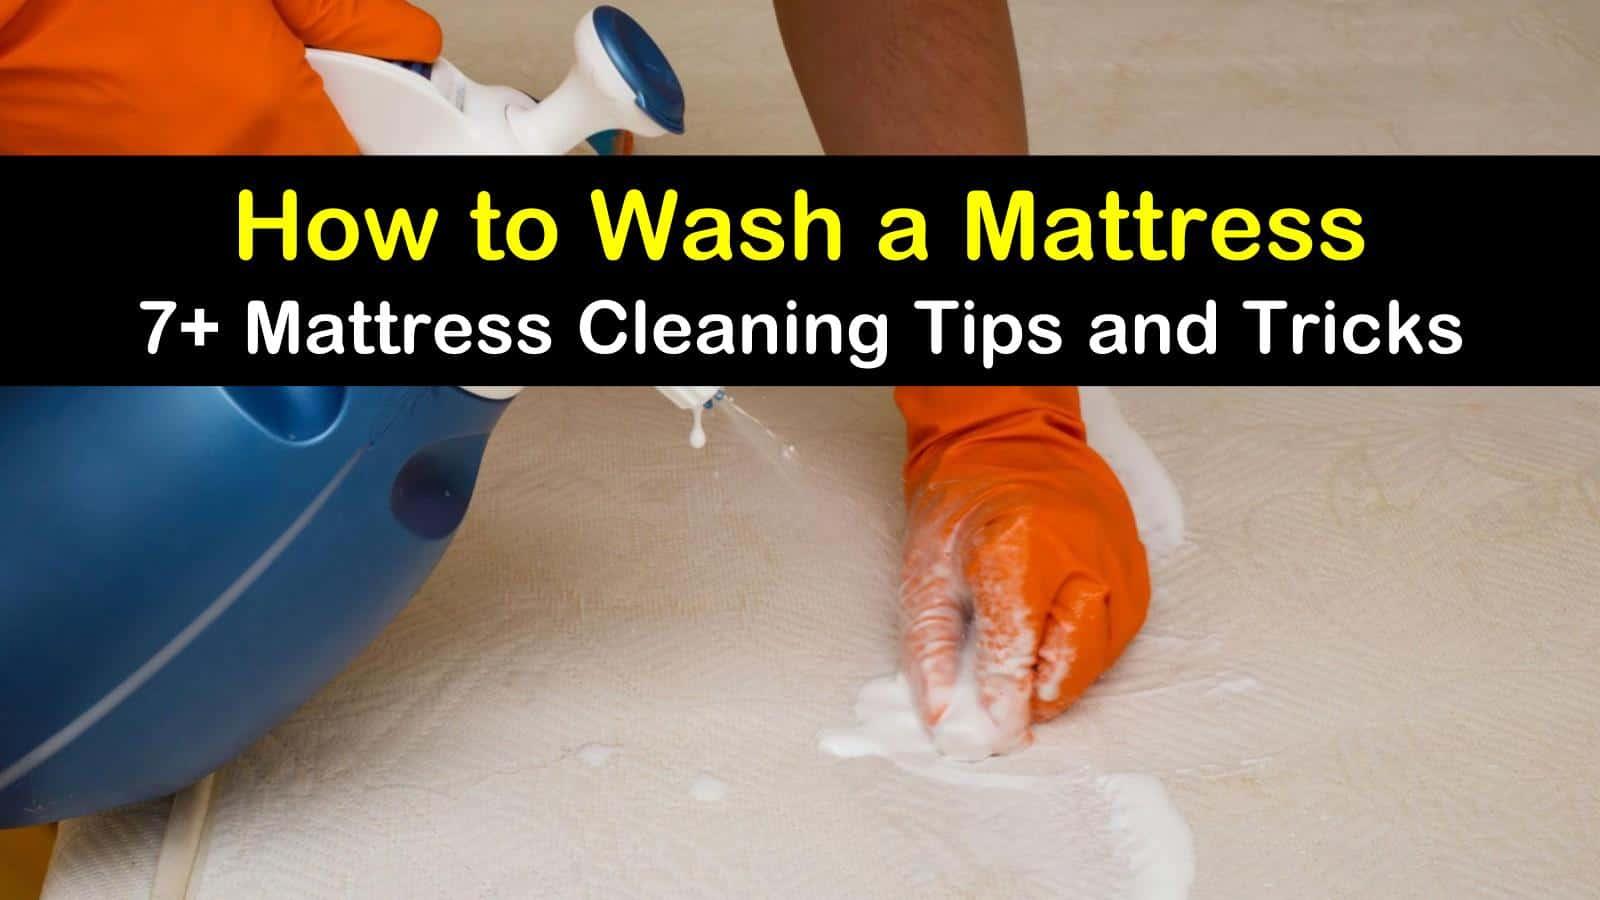 how to wash a mattress titleimg1